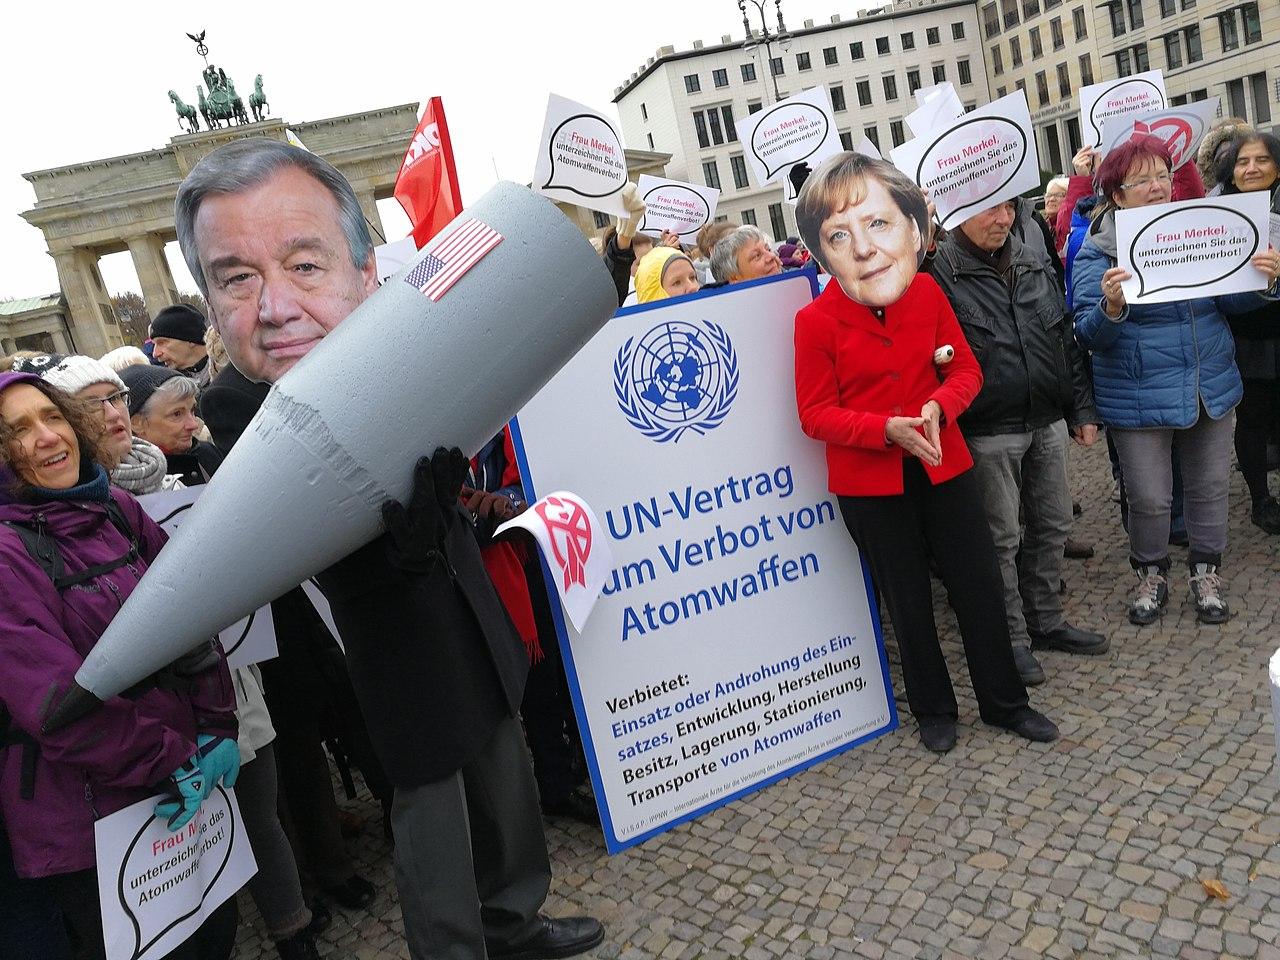 Menschenkette gegen Atomwaffen (38499249211).jpg